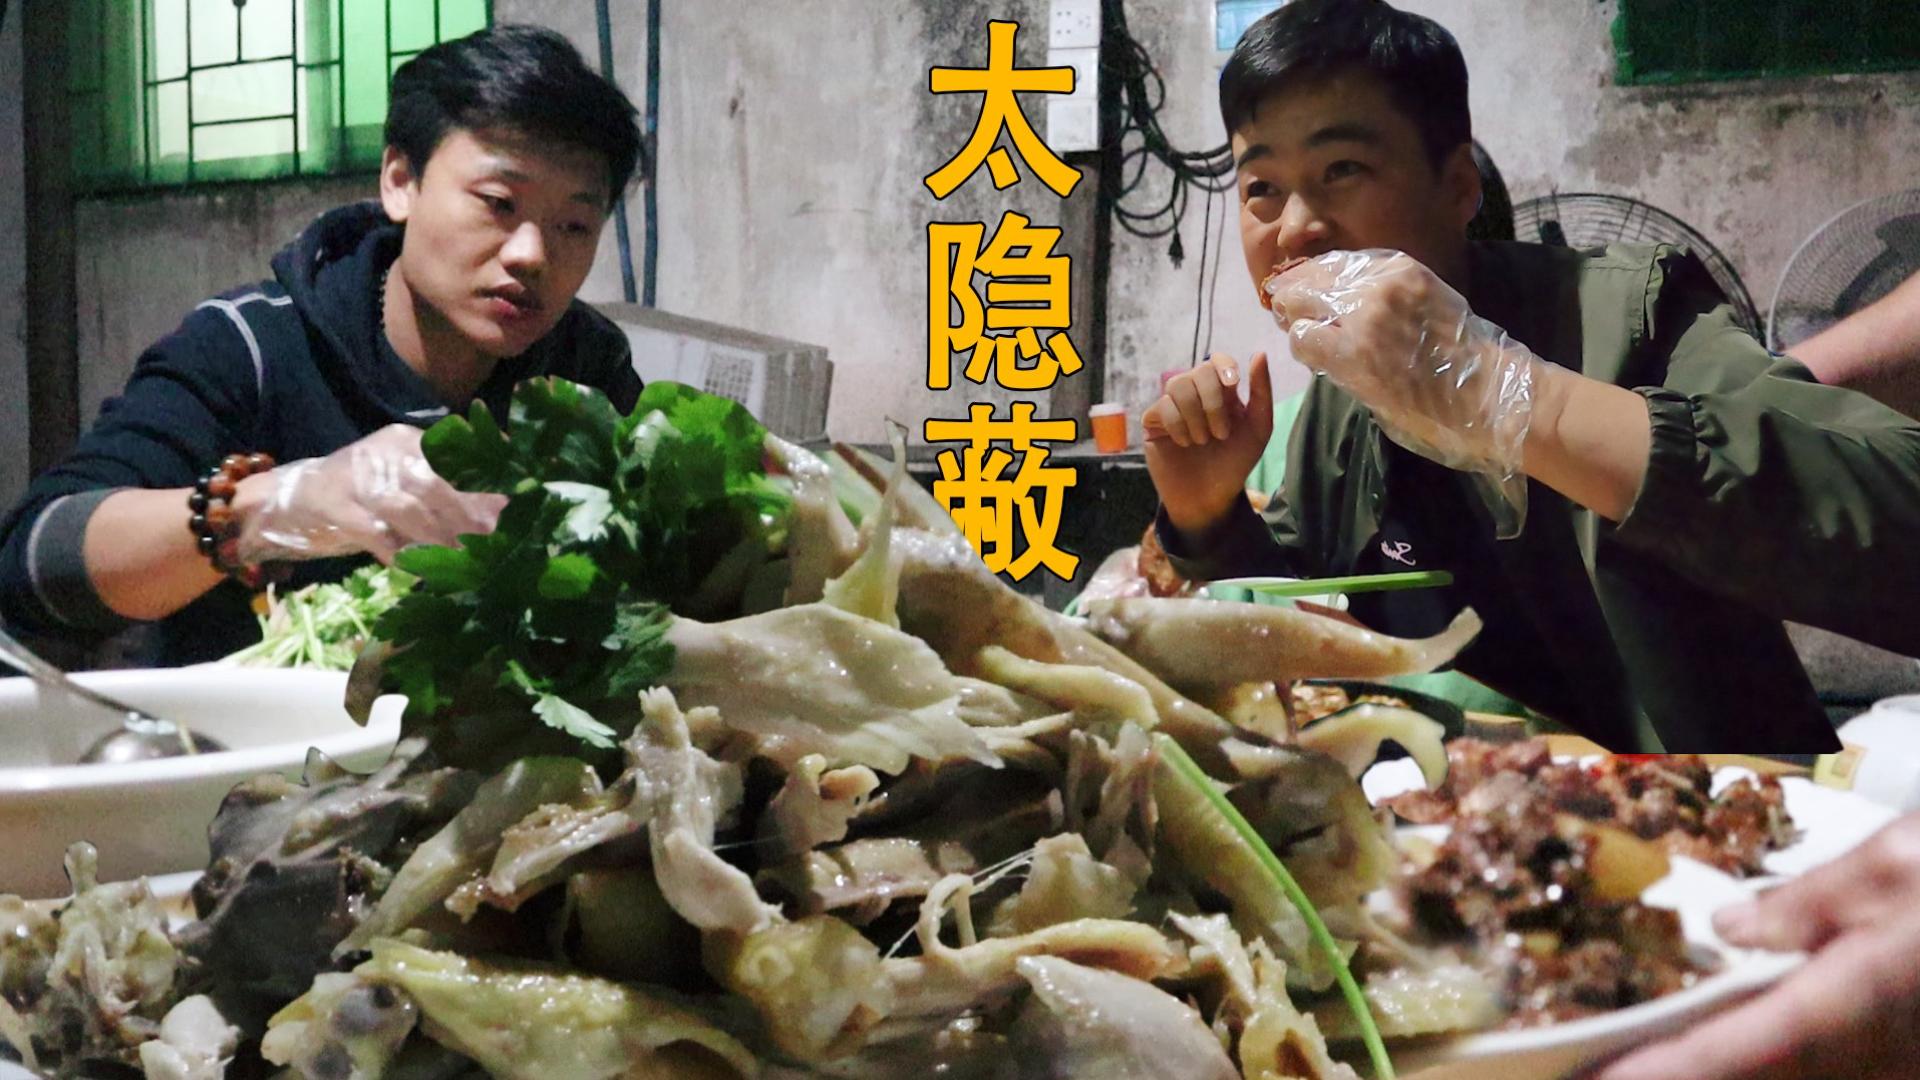 广东很任性的苍蝇馆子,25年没招牌和菜单,吃饭没诚意老板不接待